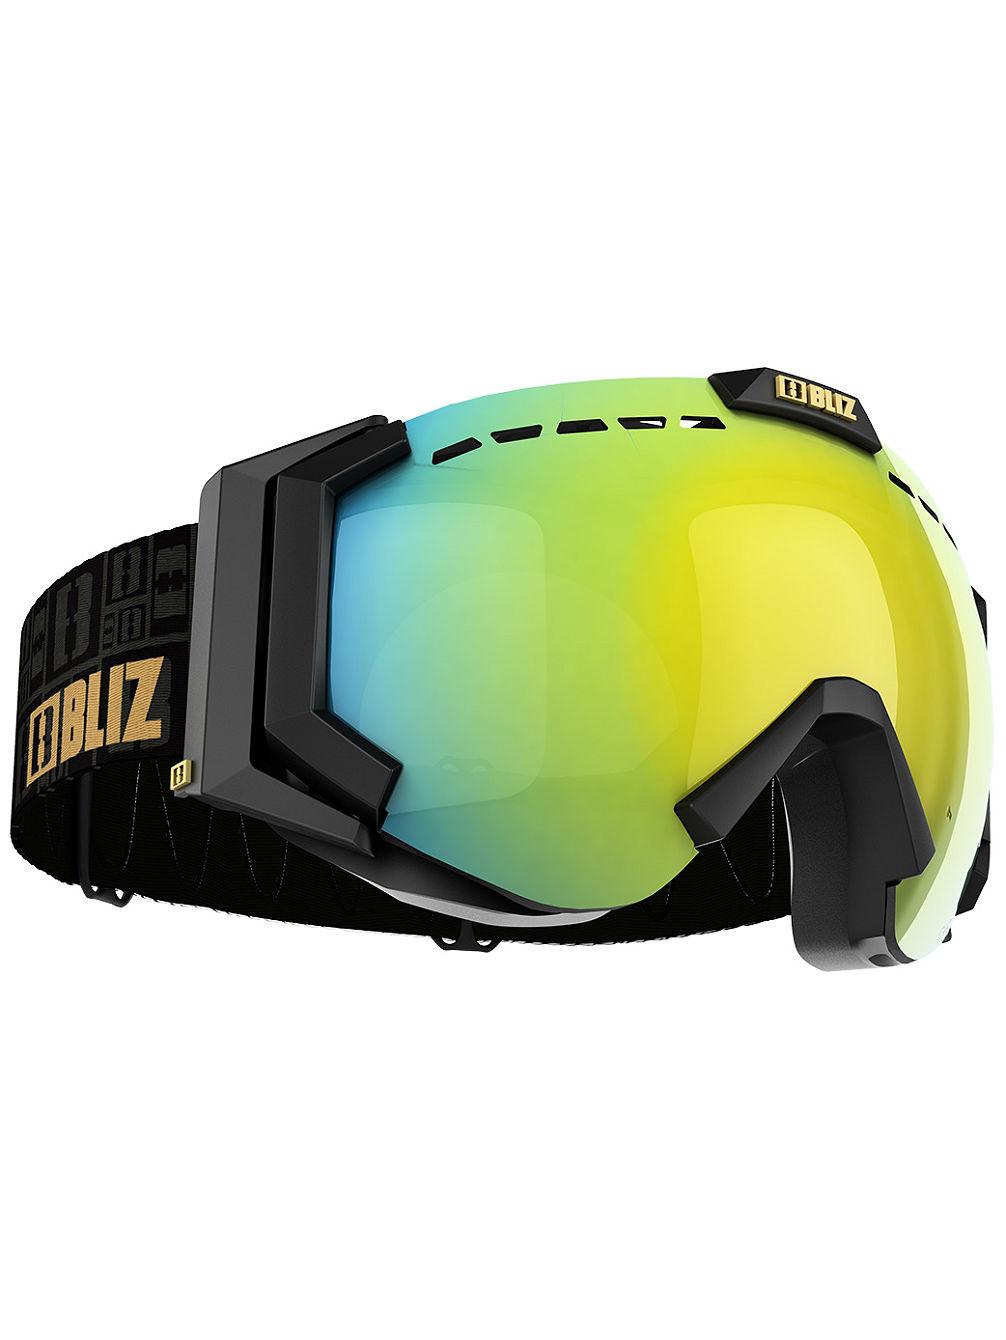 bliz-protective-sports-gear-carver-matt-black